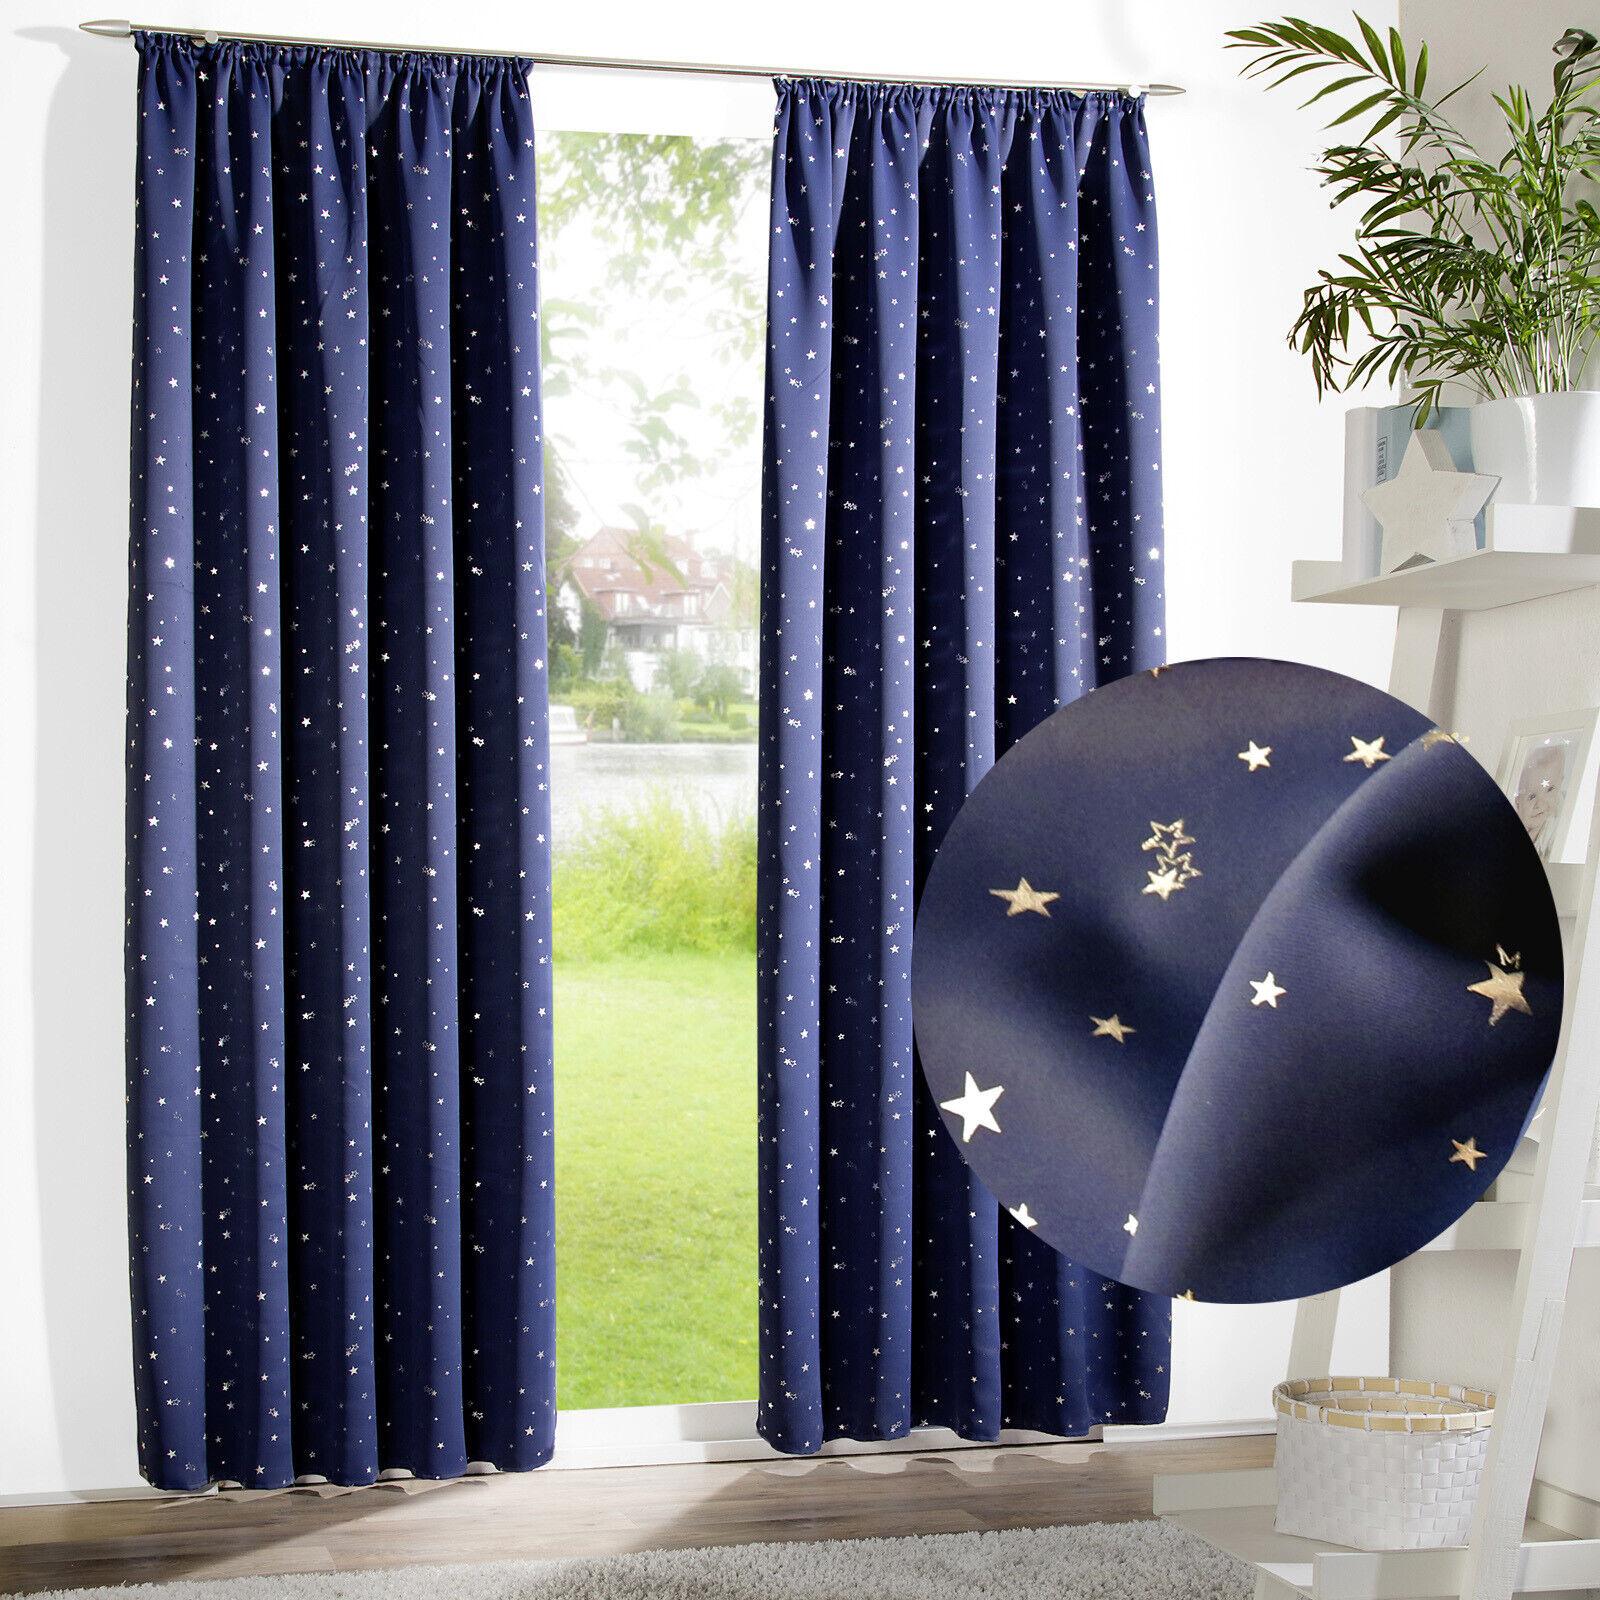 Dekoschal Kindergardine Verdunklungsgardine Vorhang blau silber Sterne Typ693